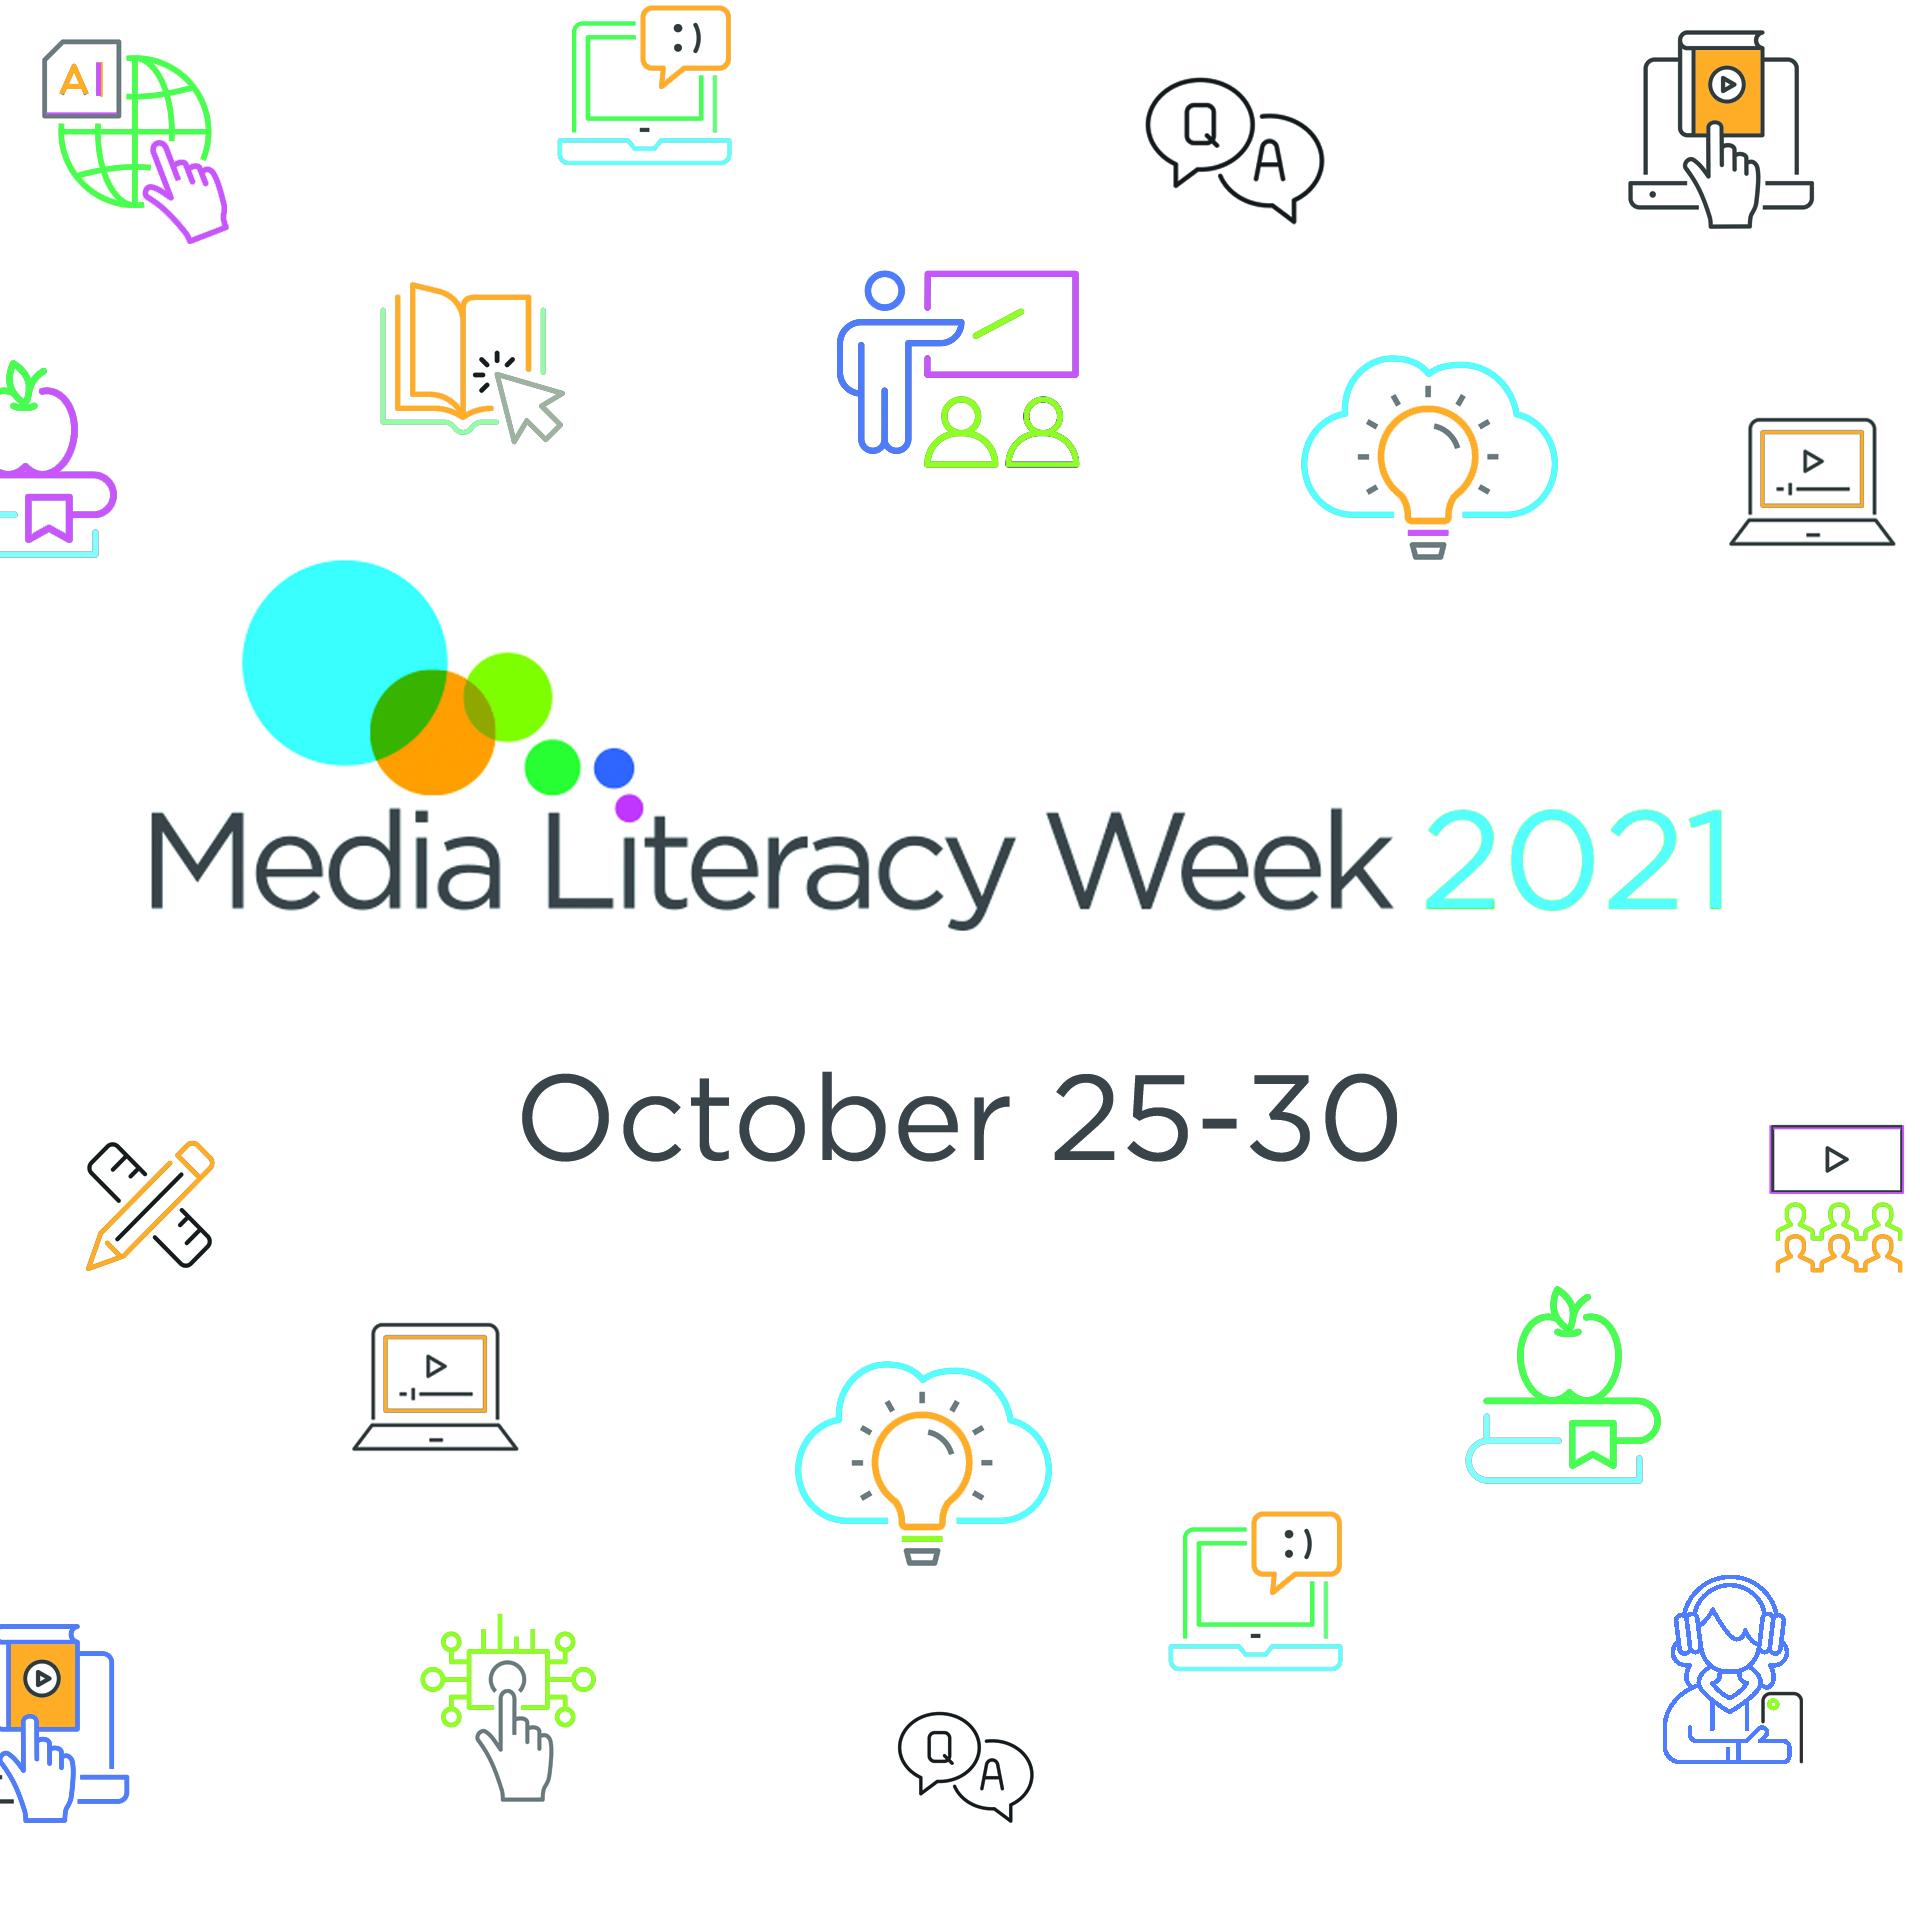 Media Literacy Week 2021, October 25-30